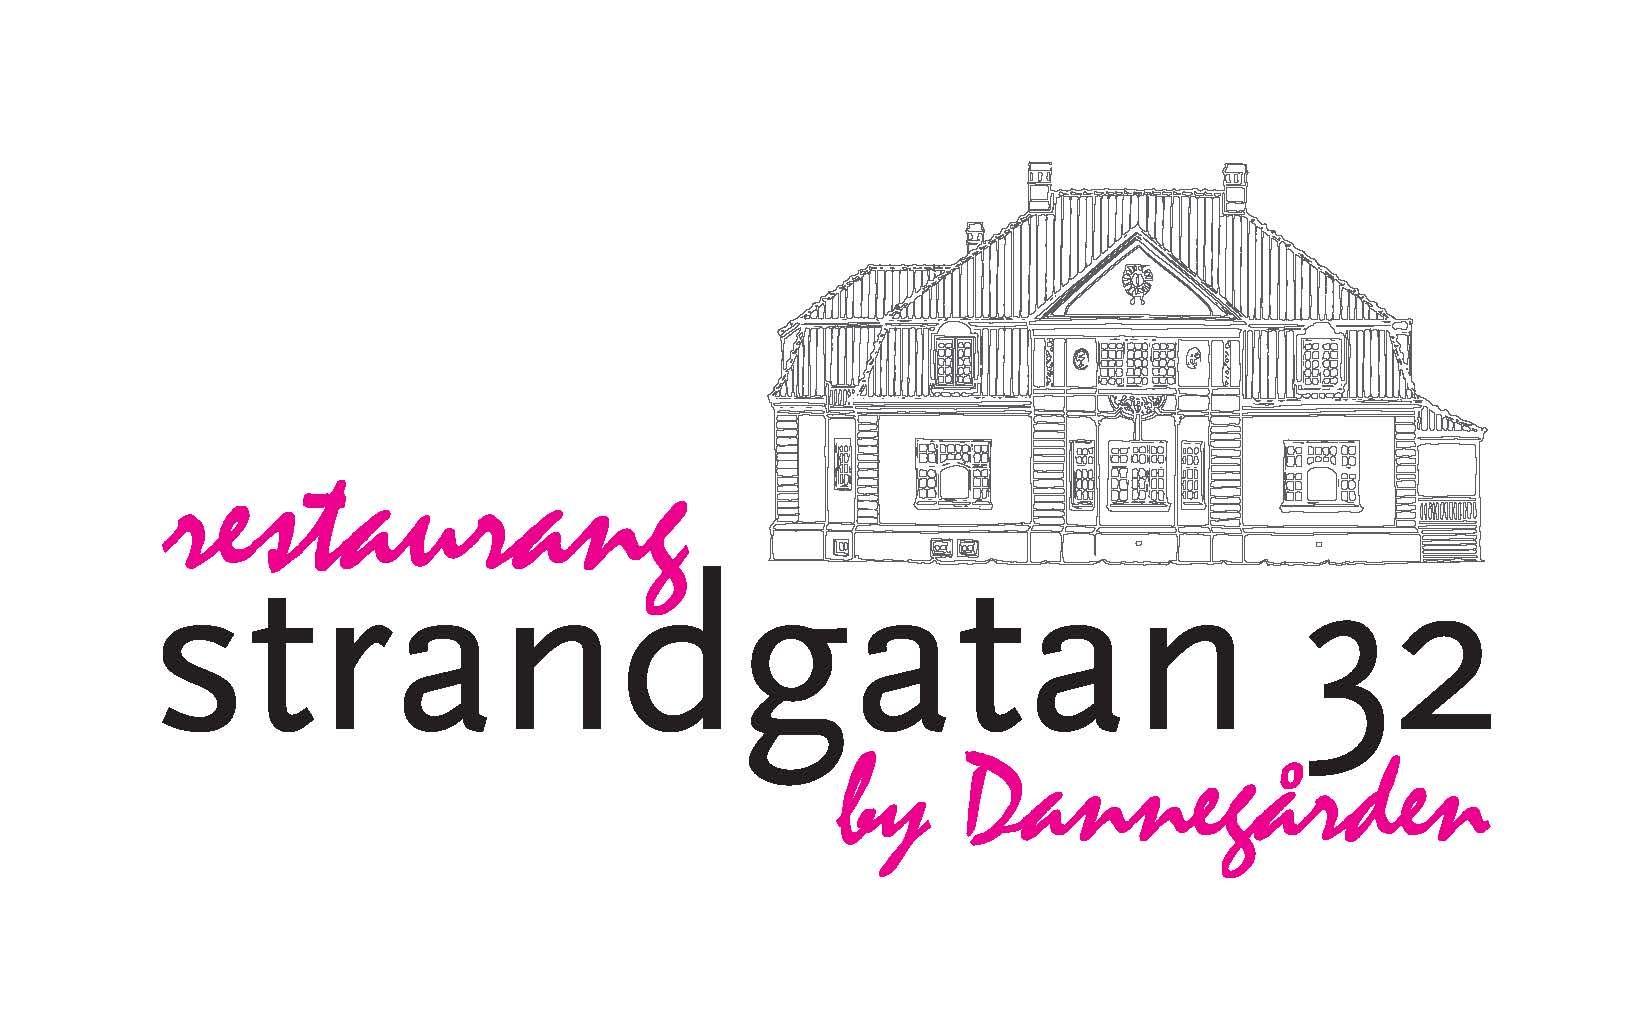 Restaurang Strandgatan 32 by Dannegården